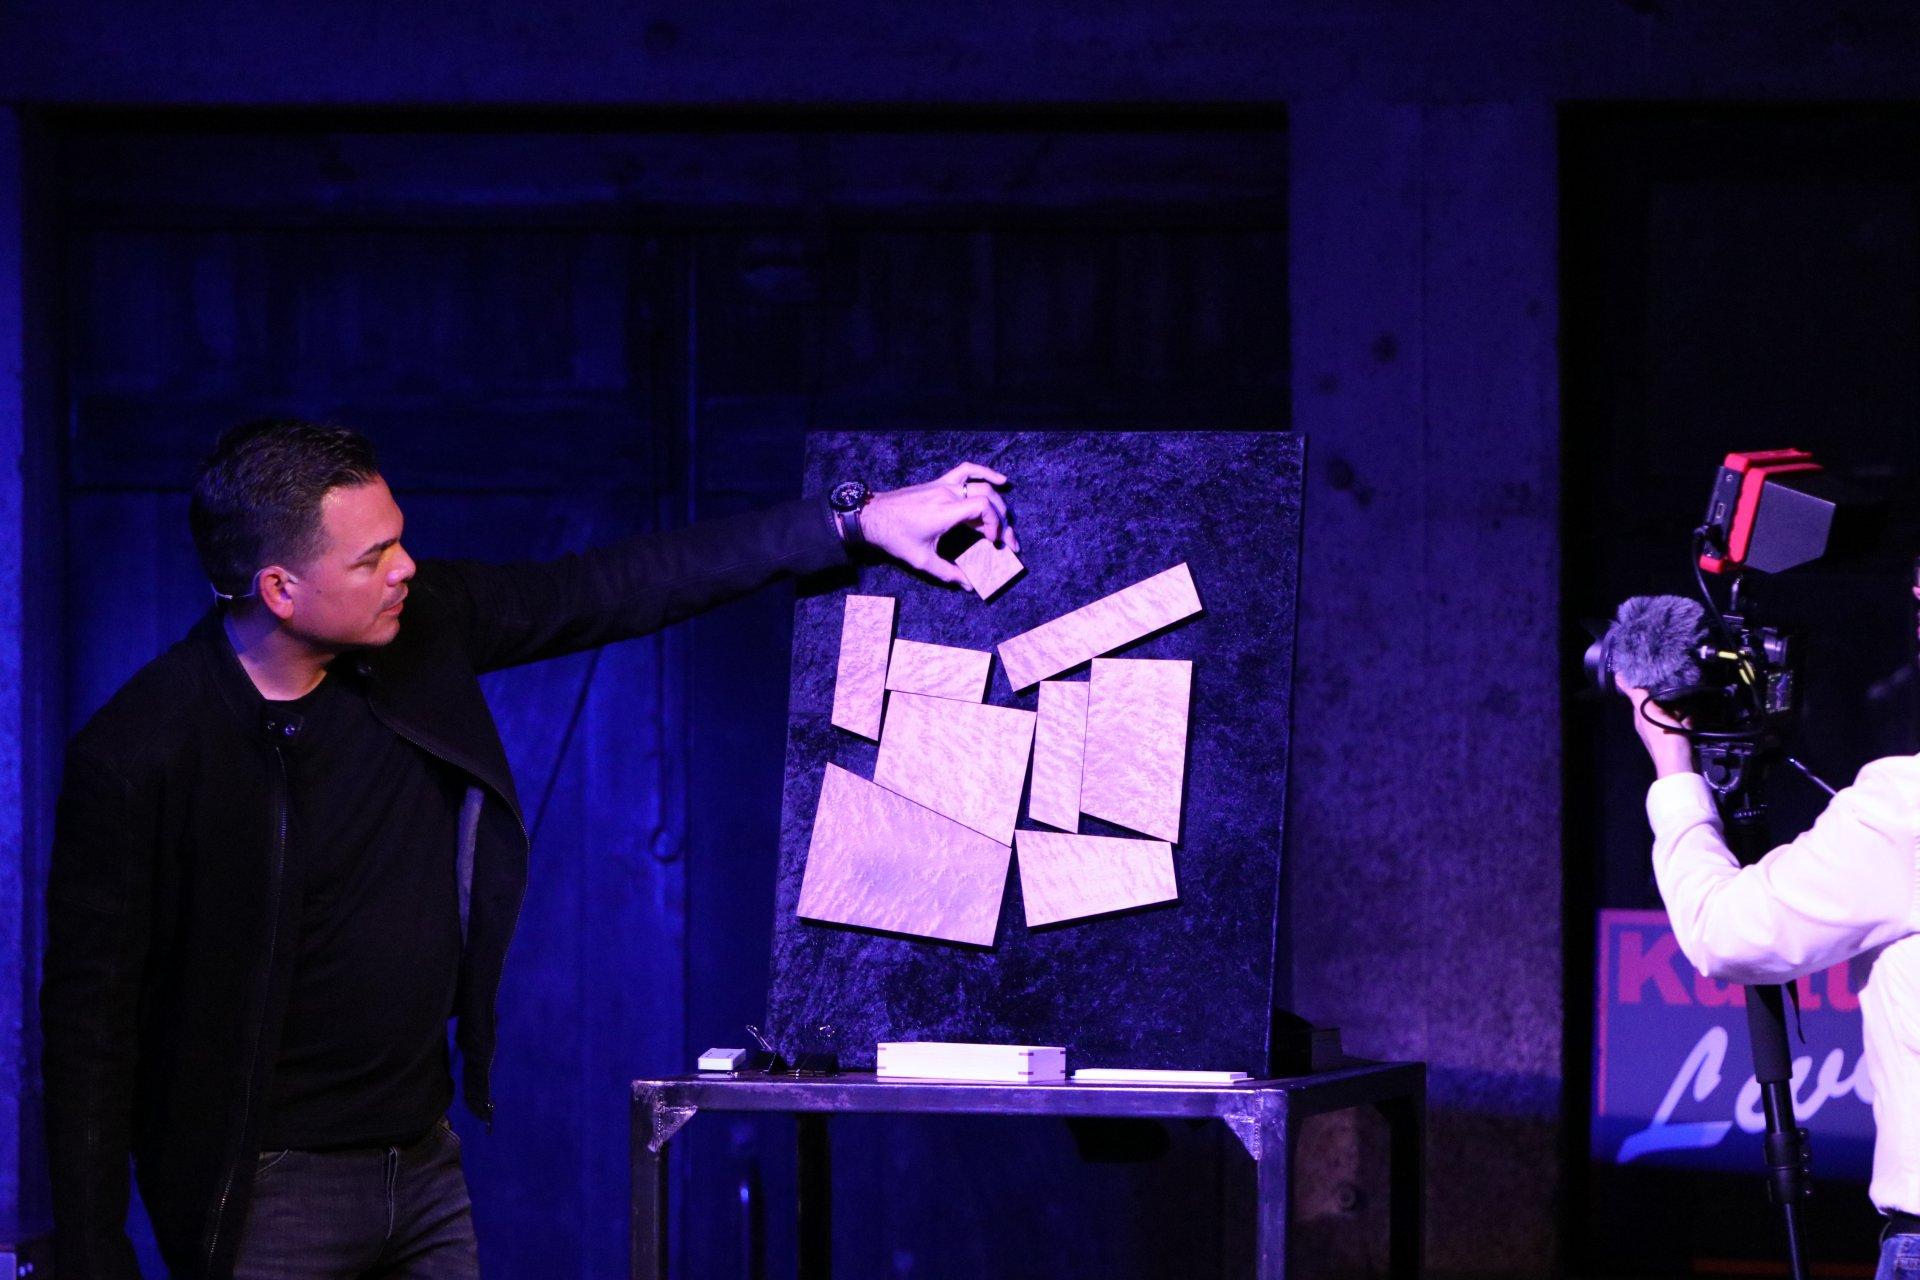 Il mago Marco Miele per uno spettacolo di maga indimenticabile a Monaco